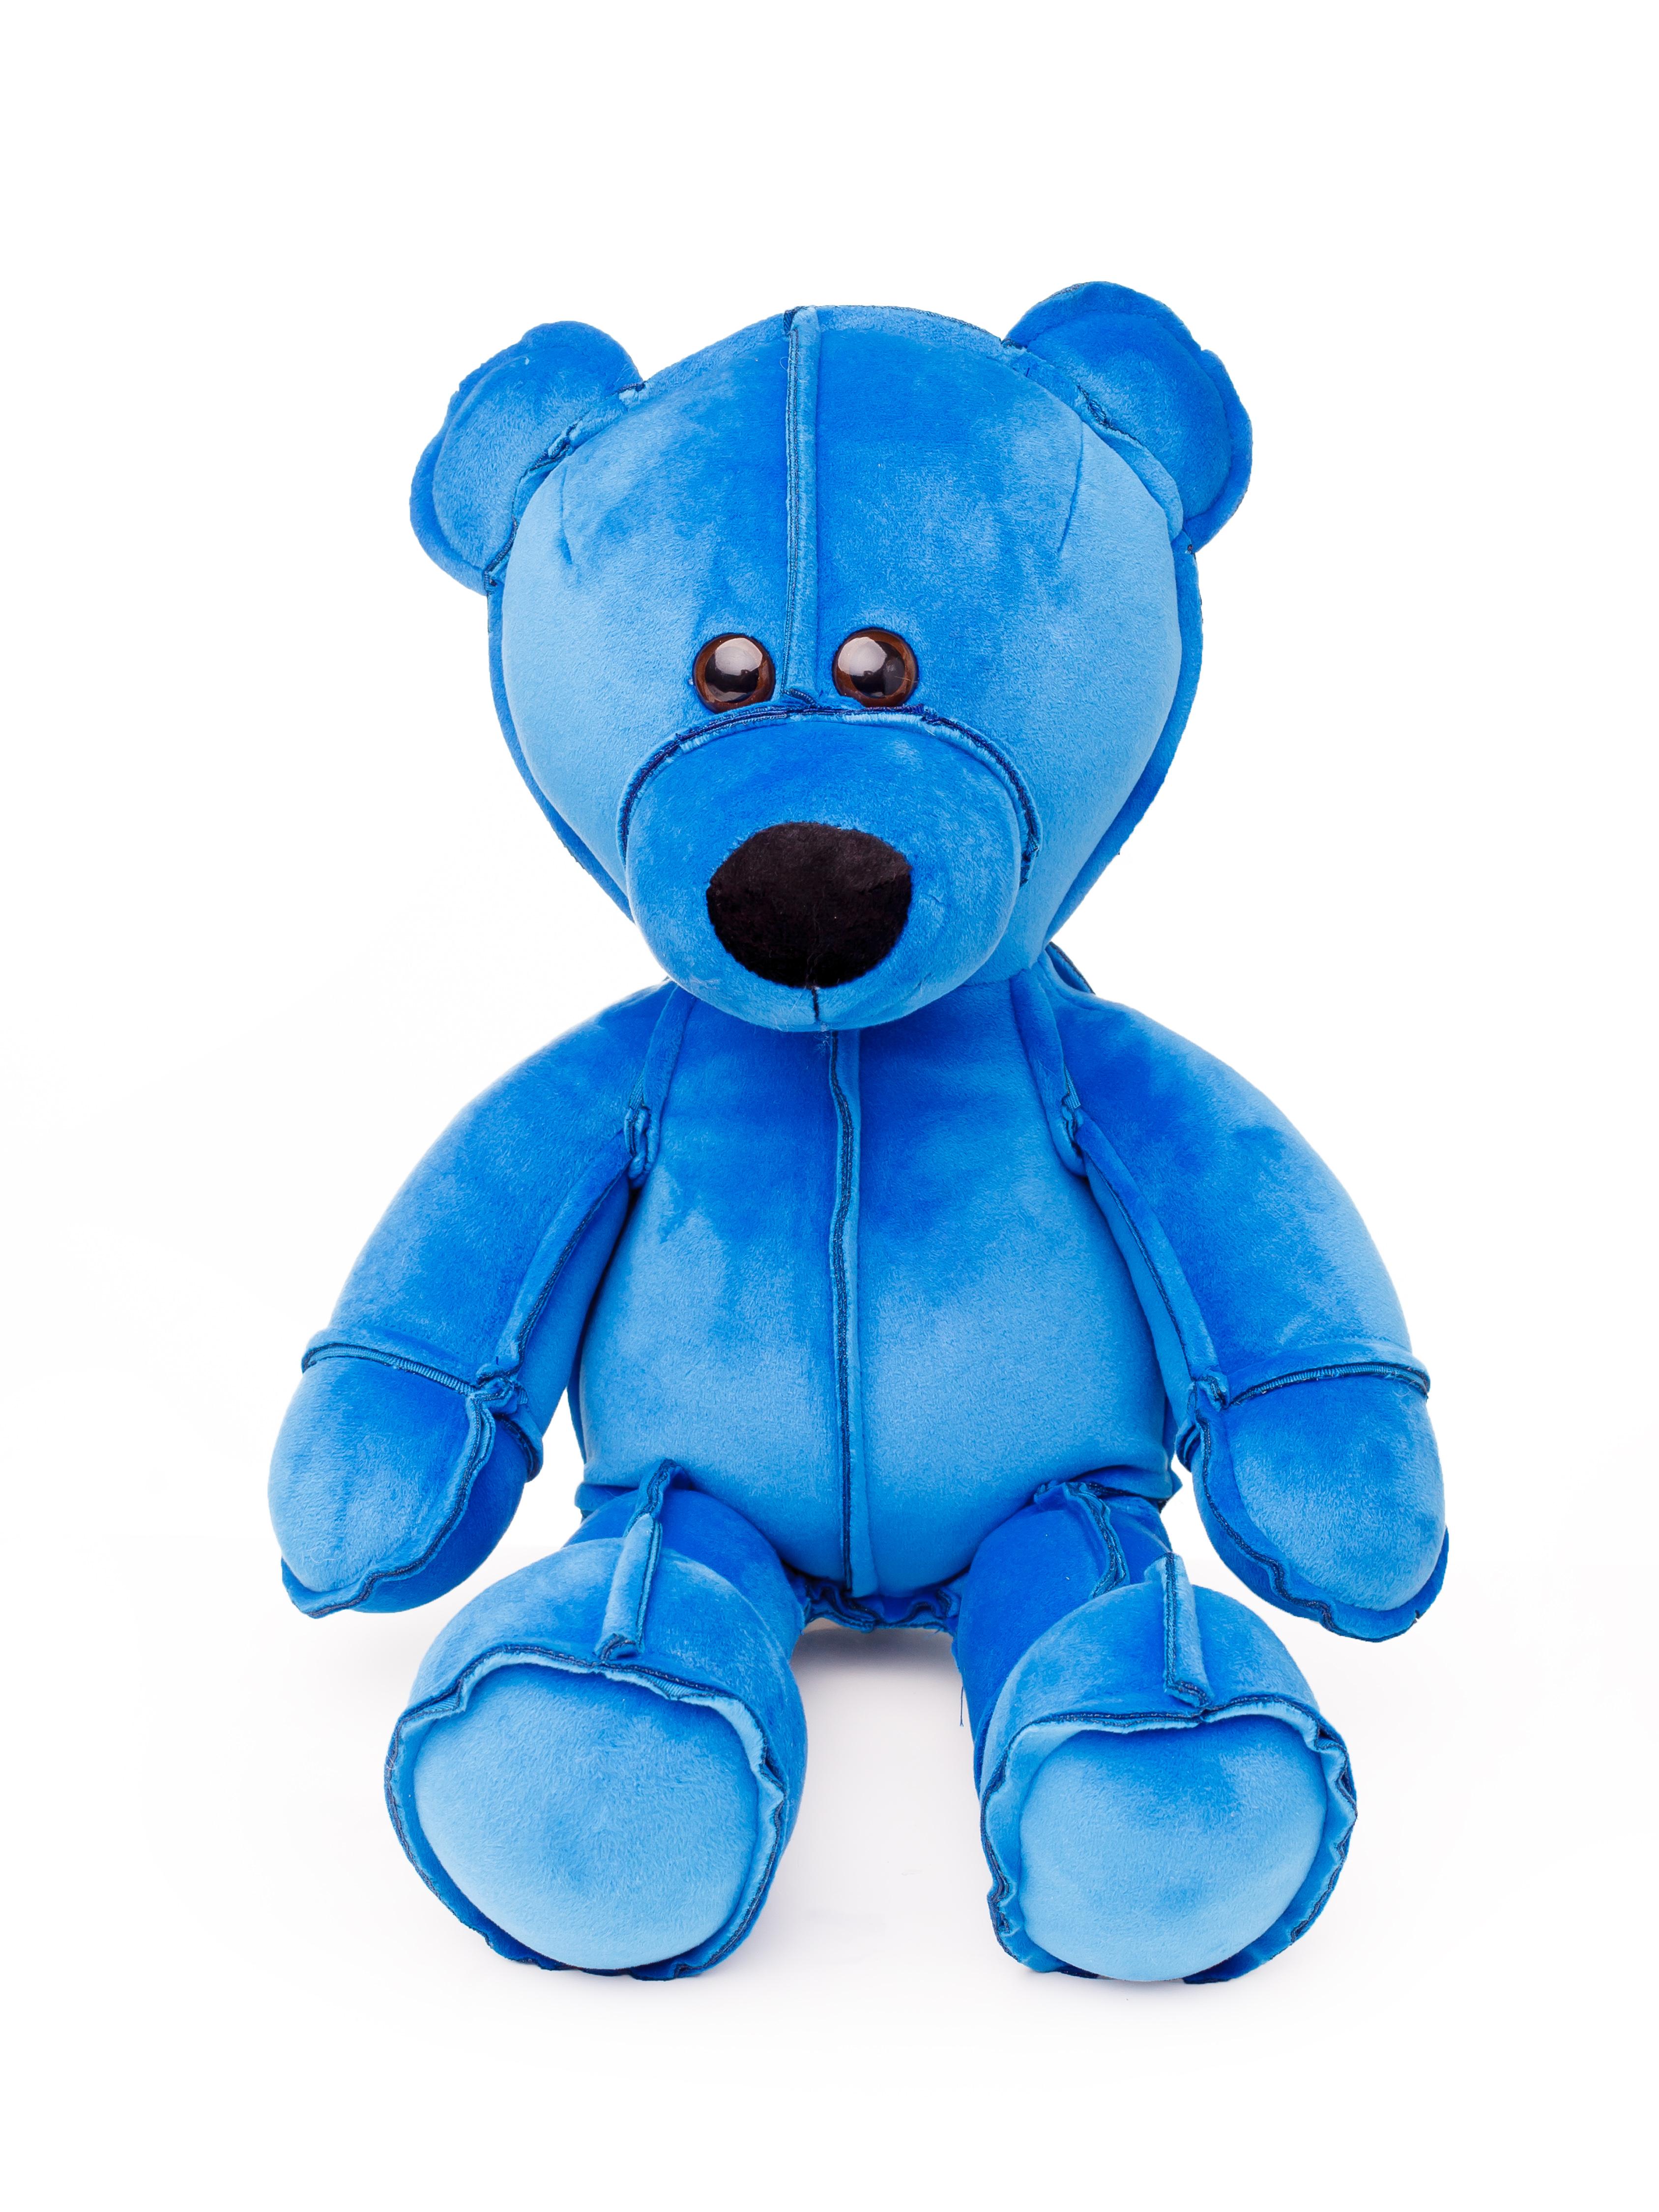 Мягкая игрушка СмолТойс Мишка Даня В45 см, 6199/СН/45 синий